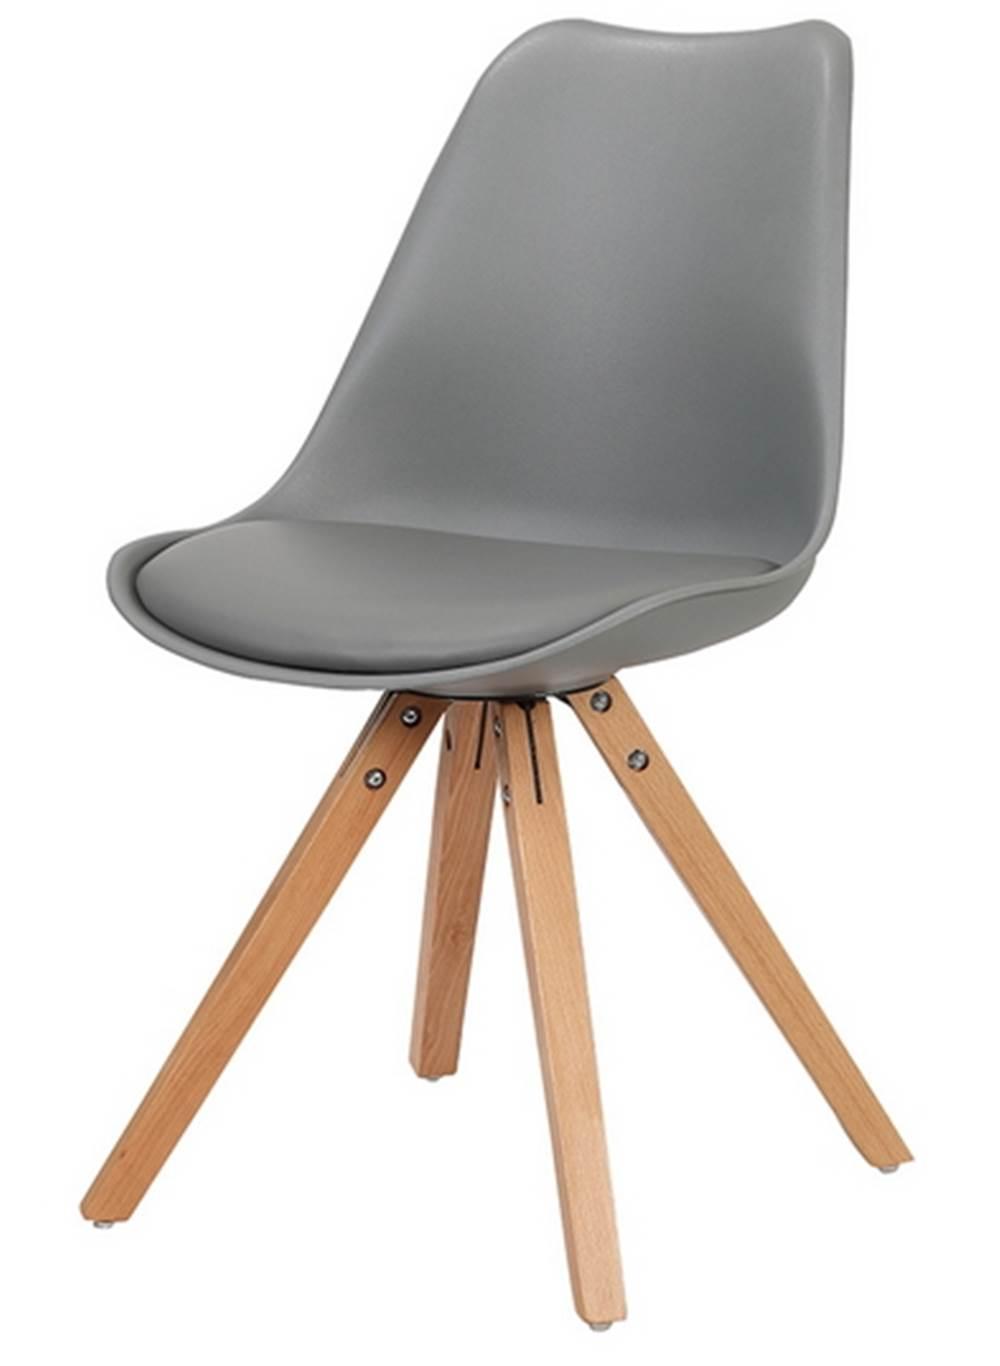 Cadeira Ligia Eames PP Base Madeira Cinza - 26361